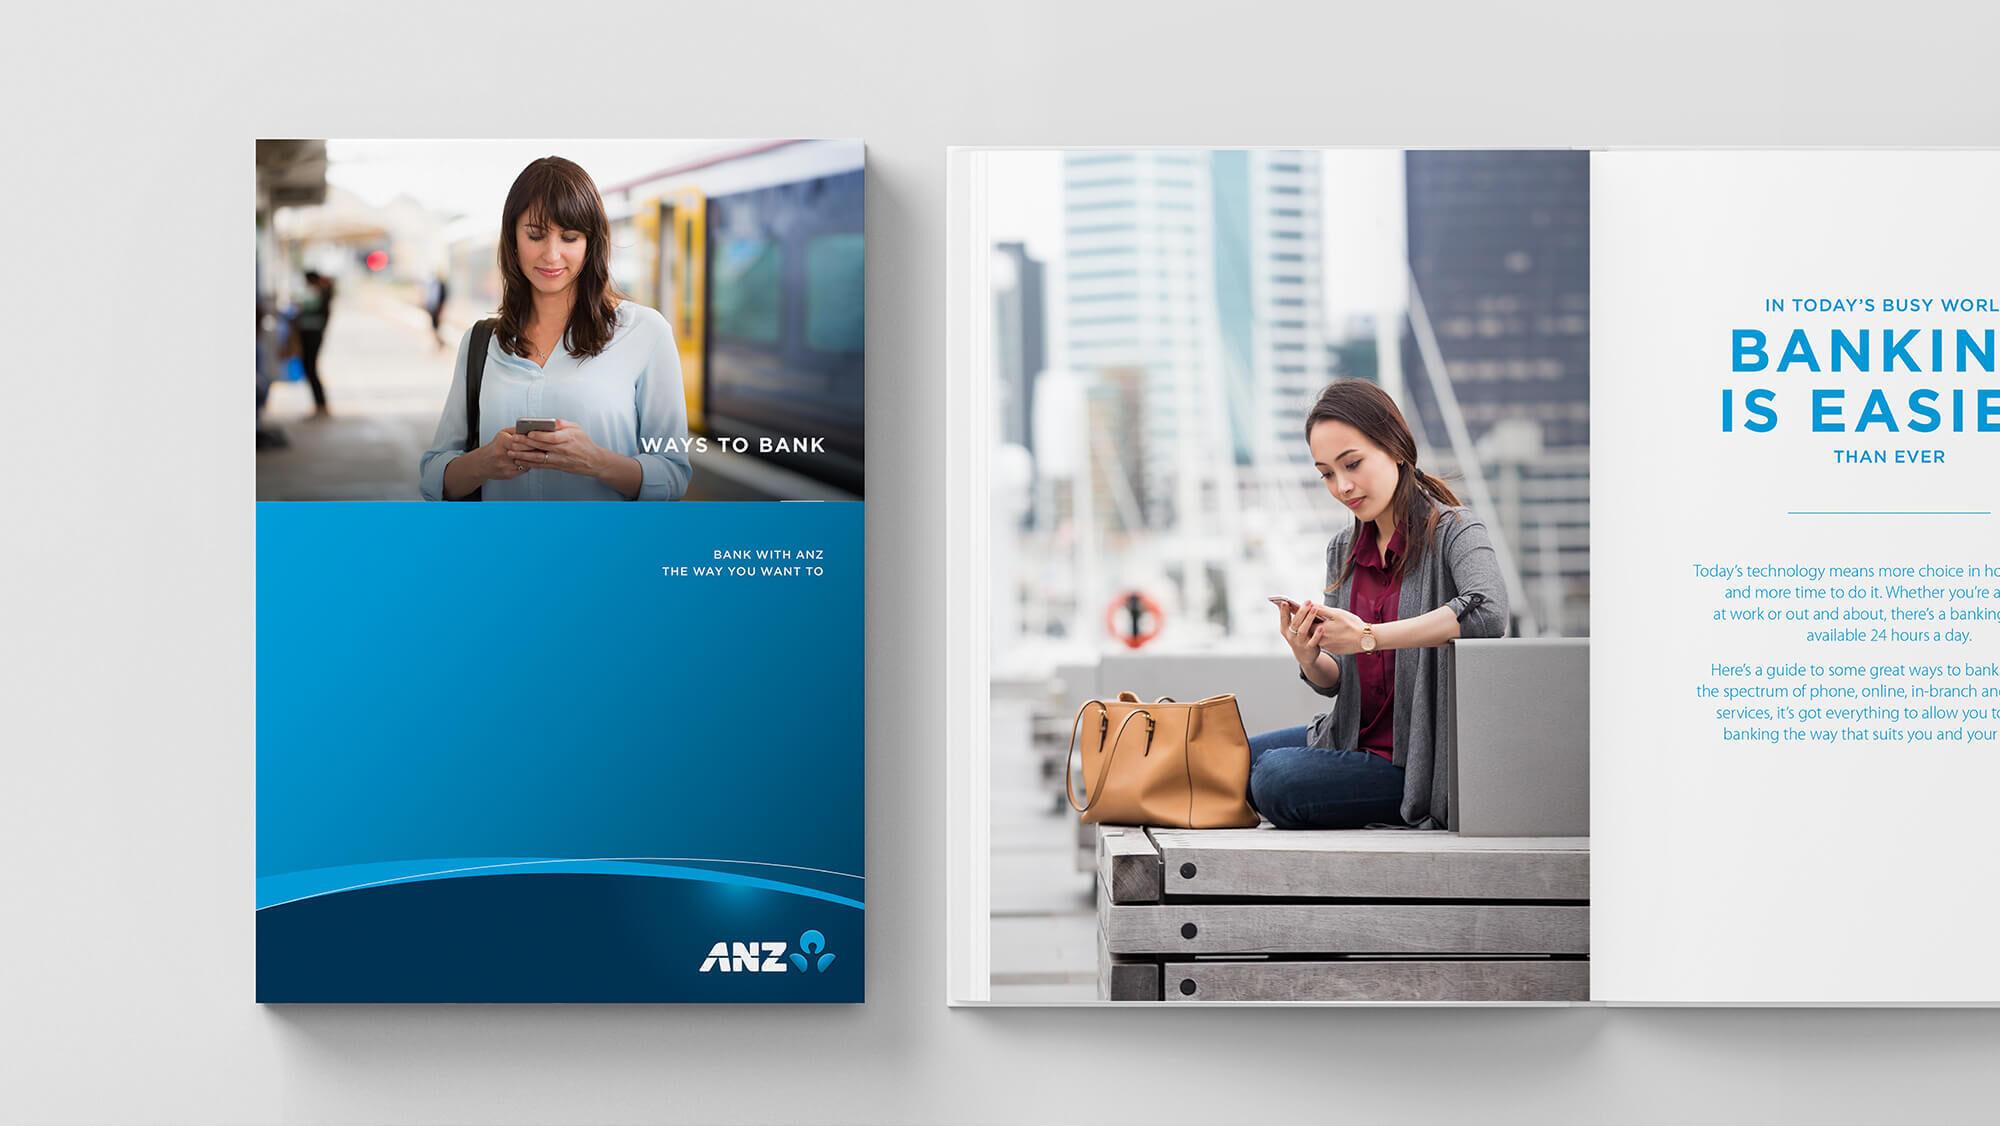 ANZ Brand Guardians Publications